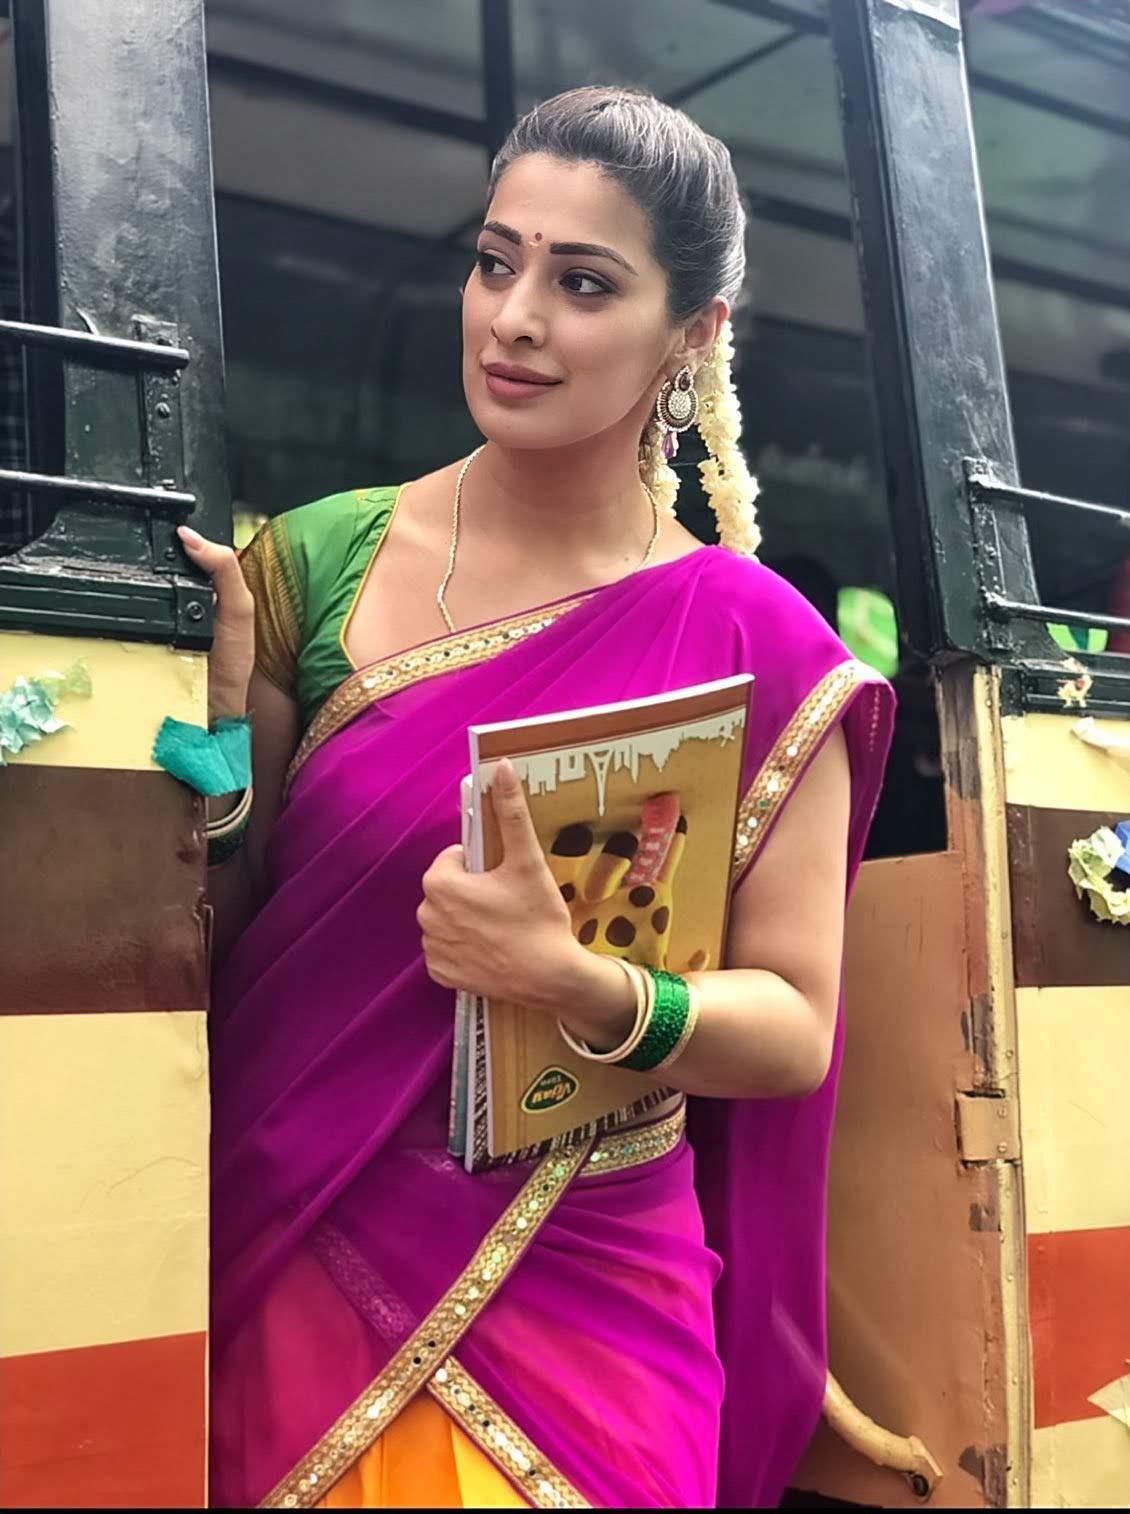 Rai-lakshmi-latest-images-32582